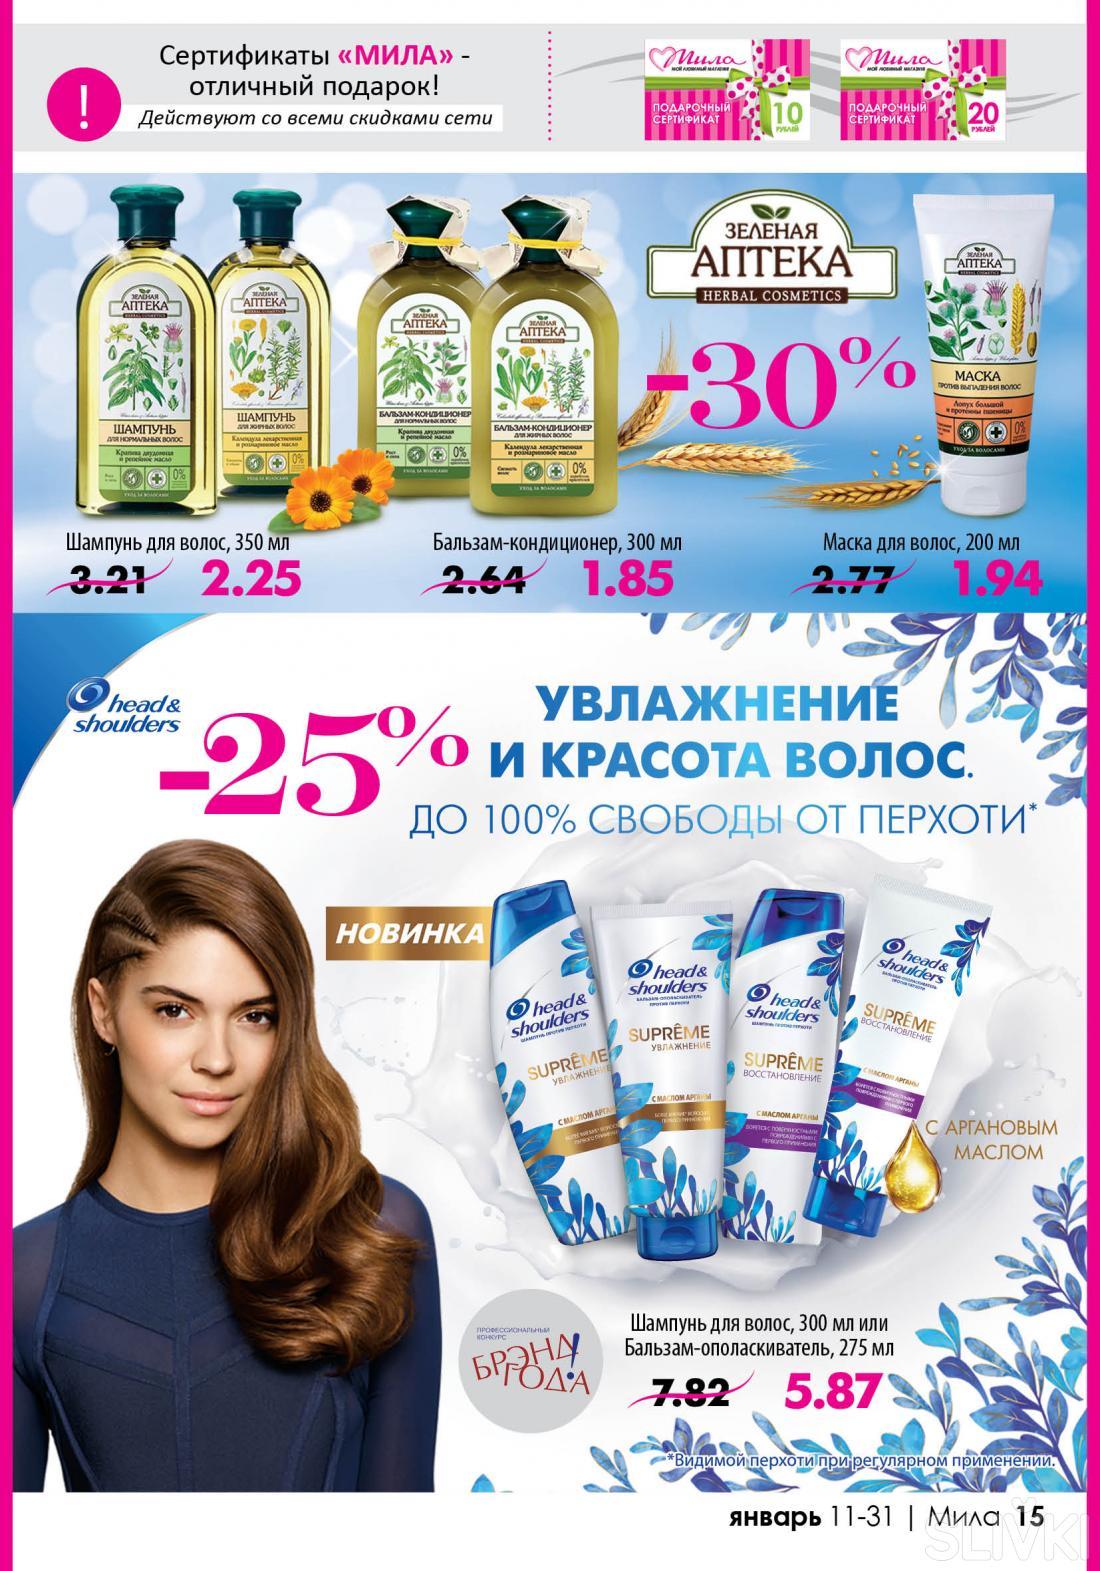 """С 11 по 31 января новые 6 товаров в """"Миле"""" за ПОЛЦЕНЫ!"""